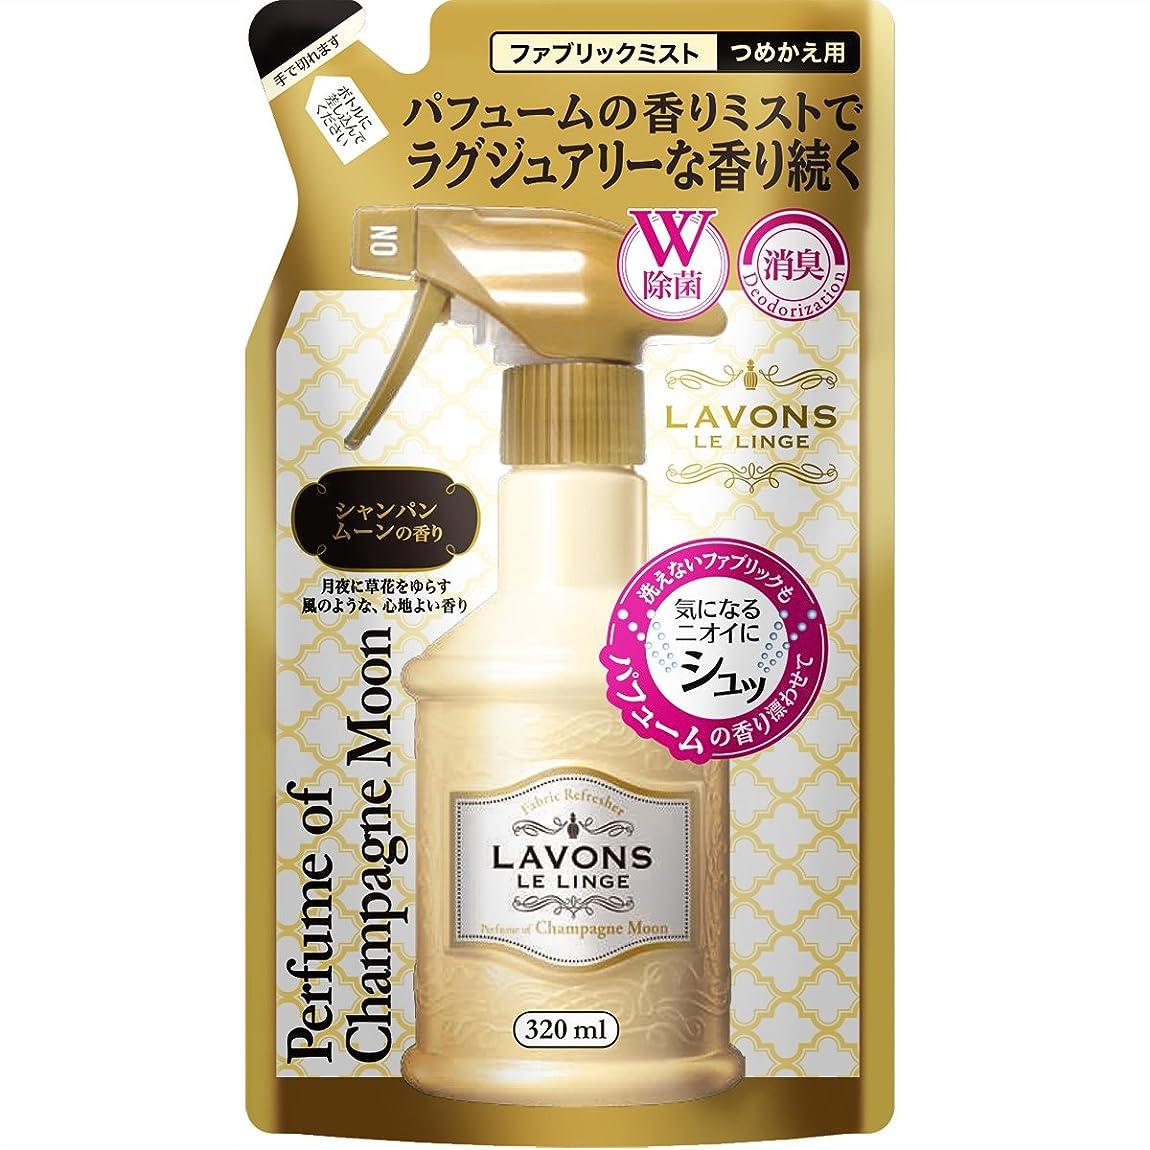 ラボン ファブリックミスト シャンパンムーンの香り 詰め替え 320ml